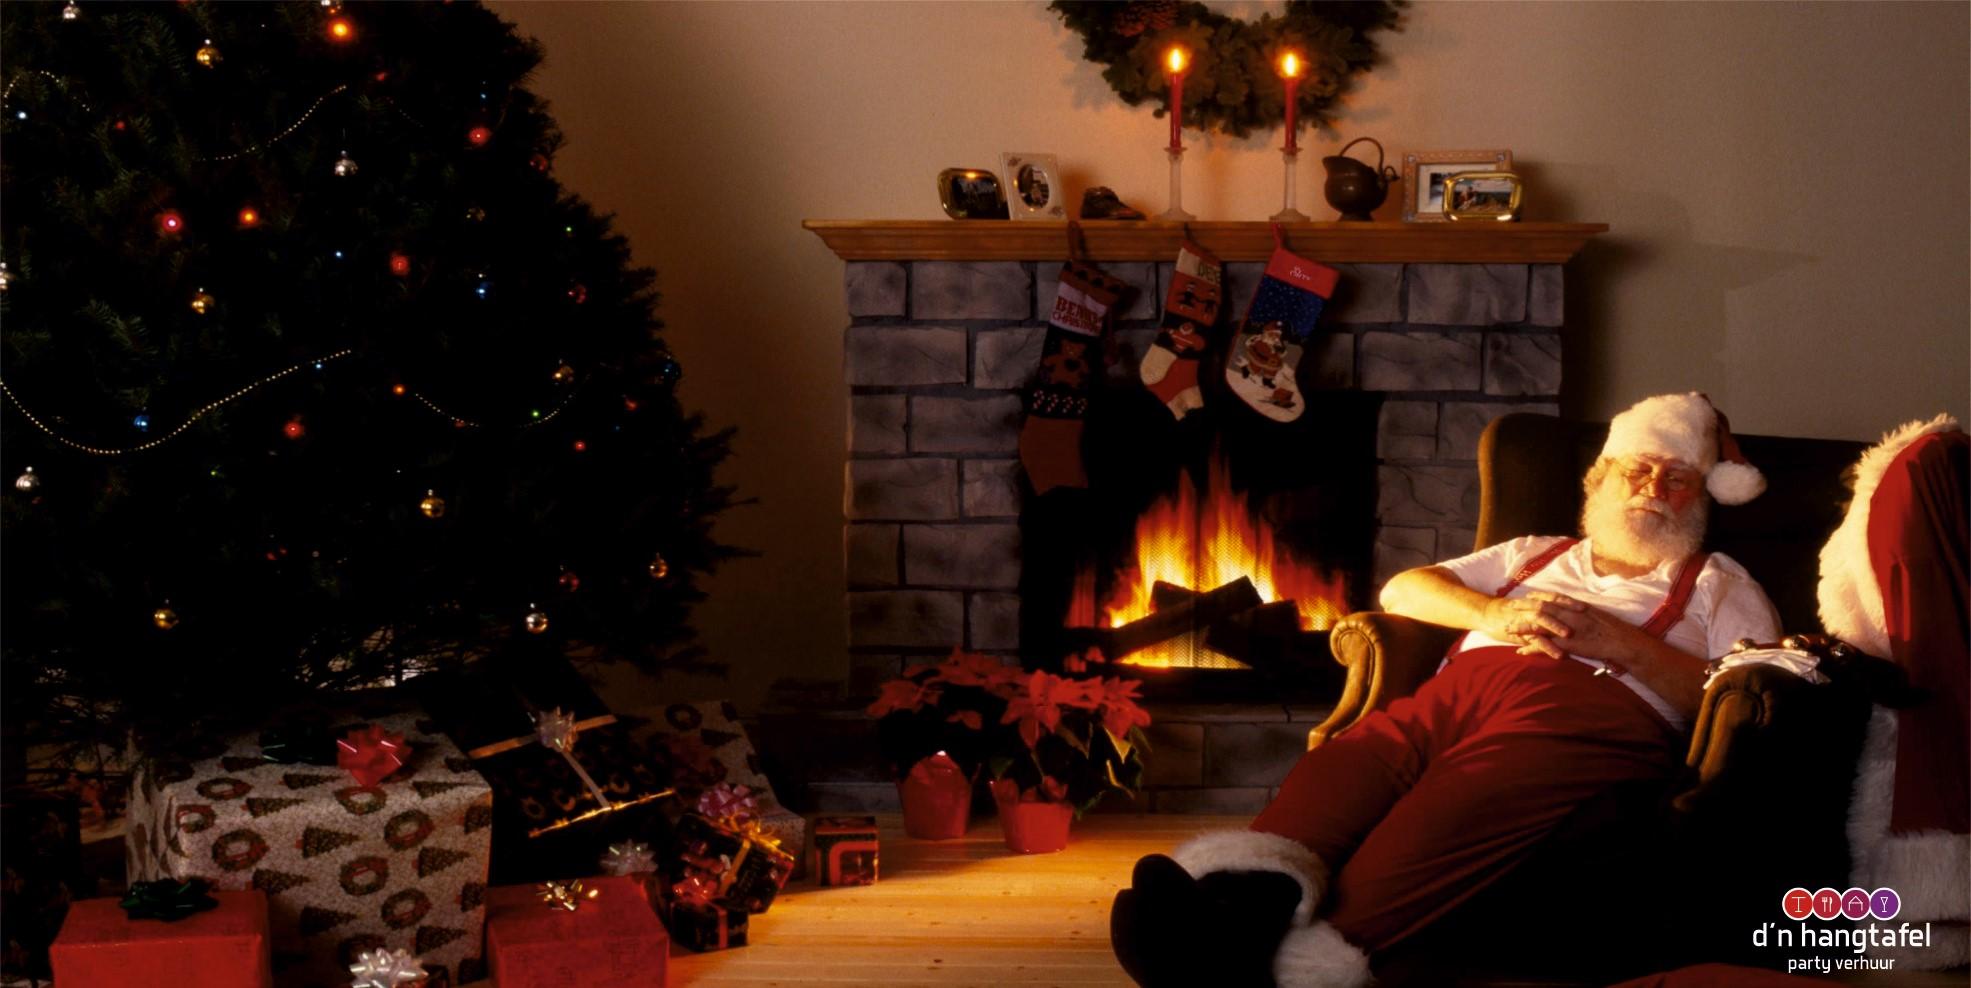 Bouwhek met kerst thema doek (kerstman met kerstboom)